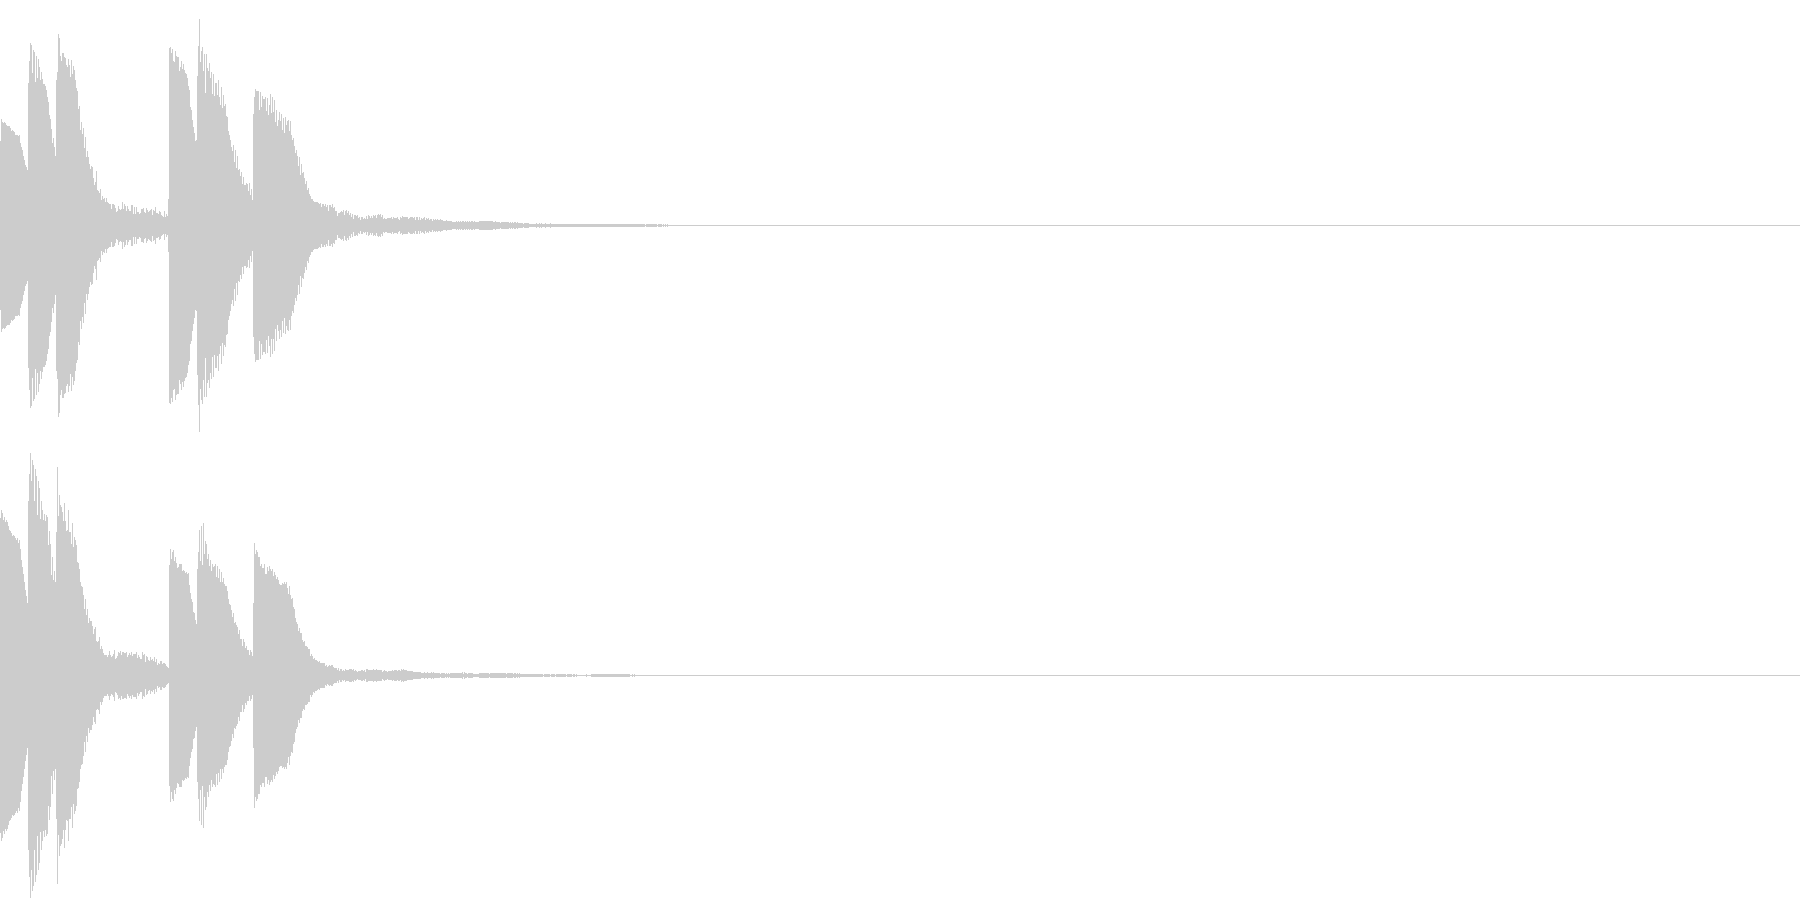 Anime ゆるかわアイキャッチ 3の未再生の波形